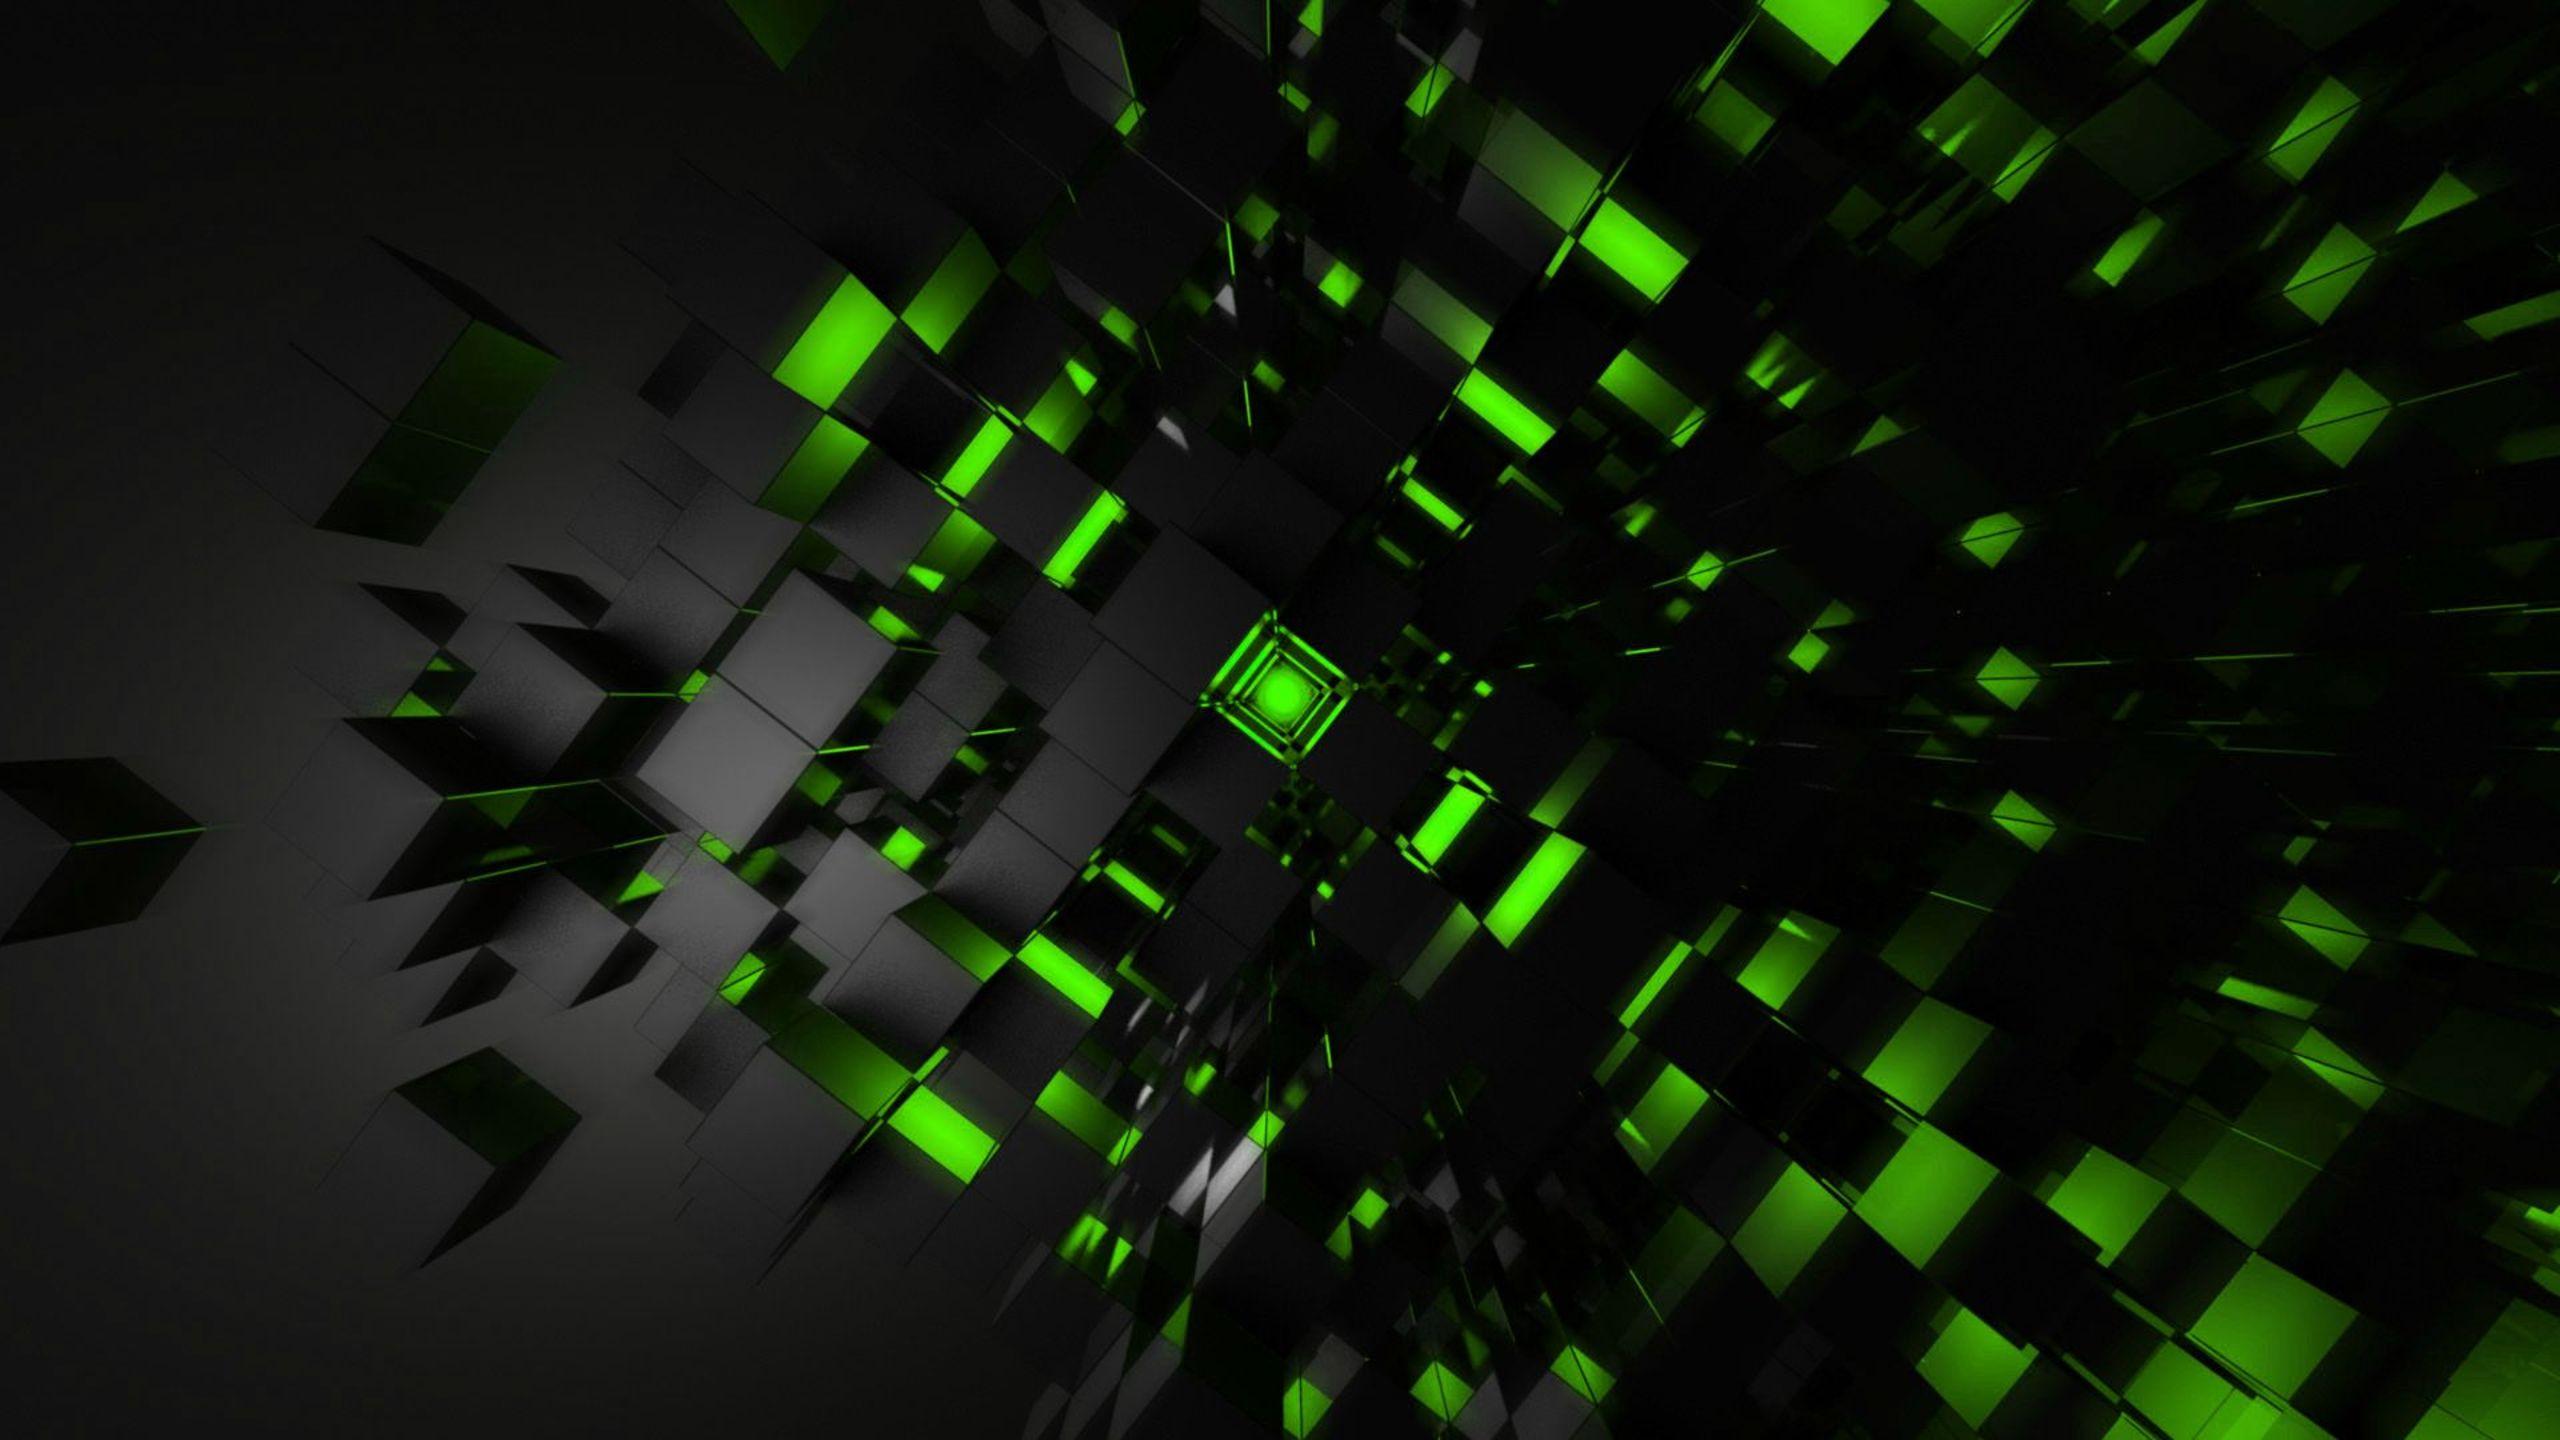 wallpaper green cubes 2560x1440 2560x1440